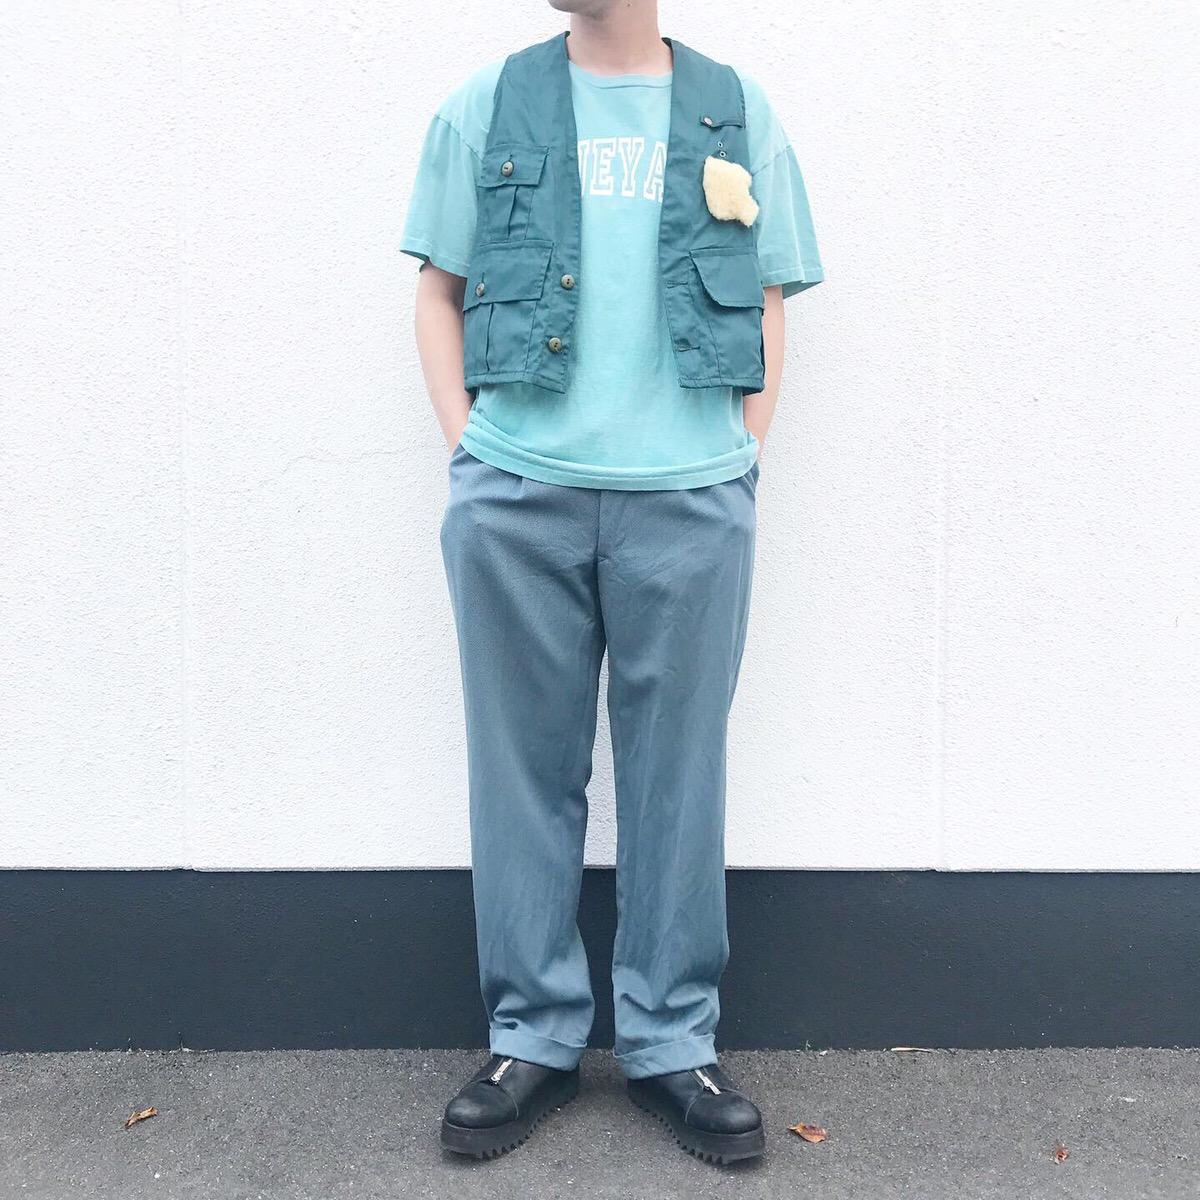 2019年8月6日 | 90年代ビンテージTシャツと60年代ビンテージパンツのワントーンコーデ